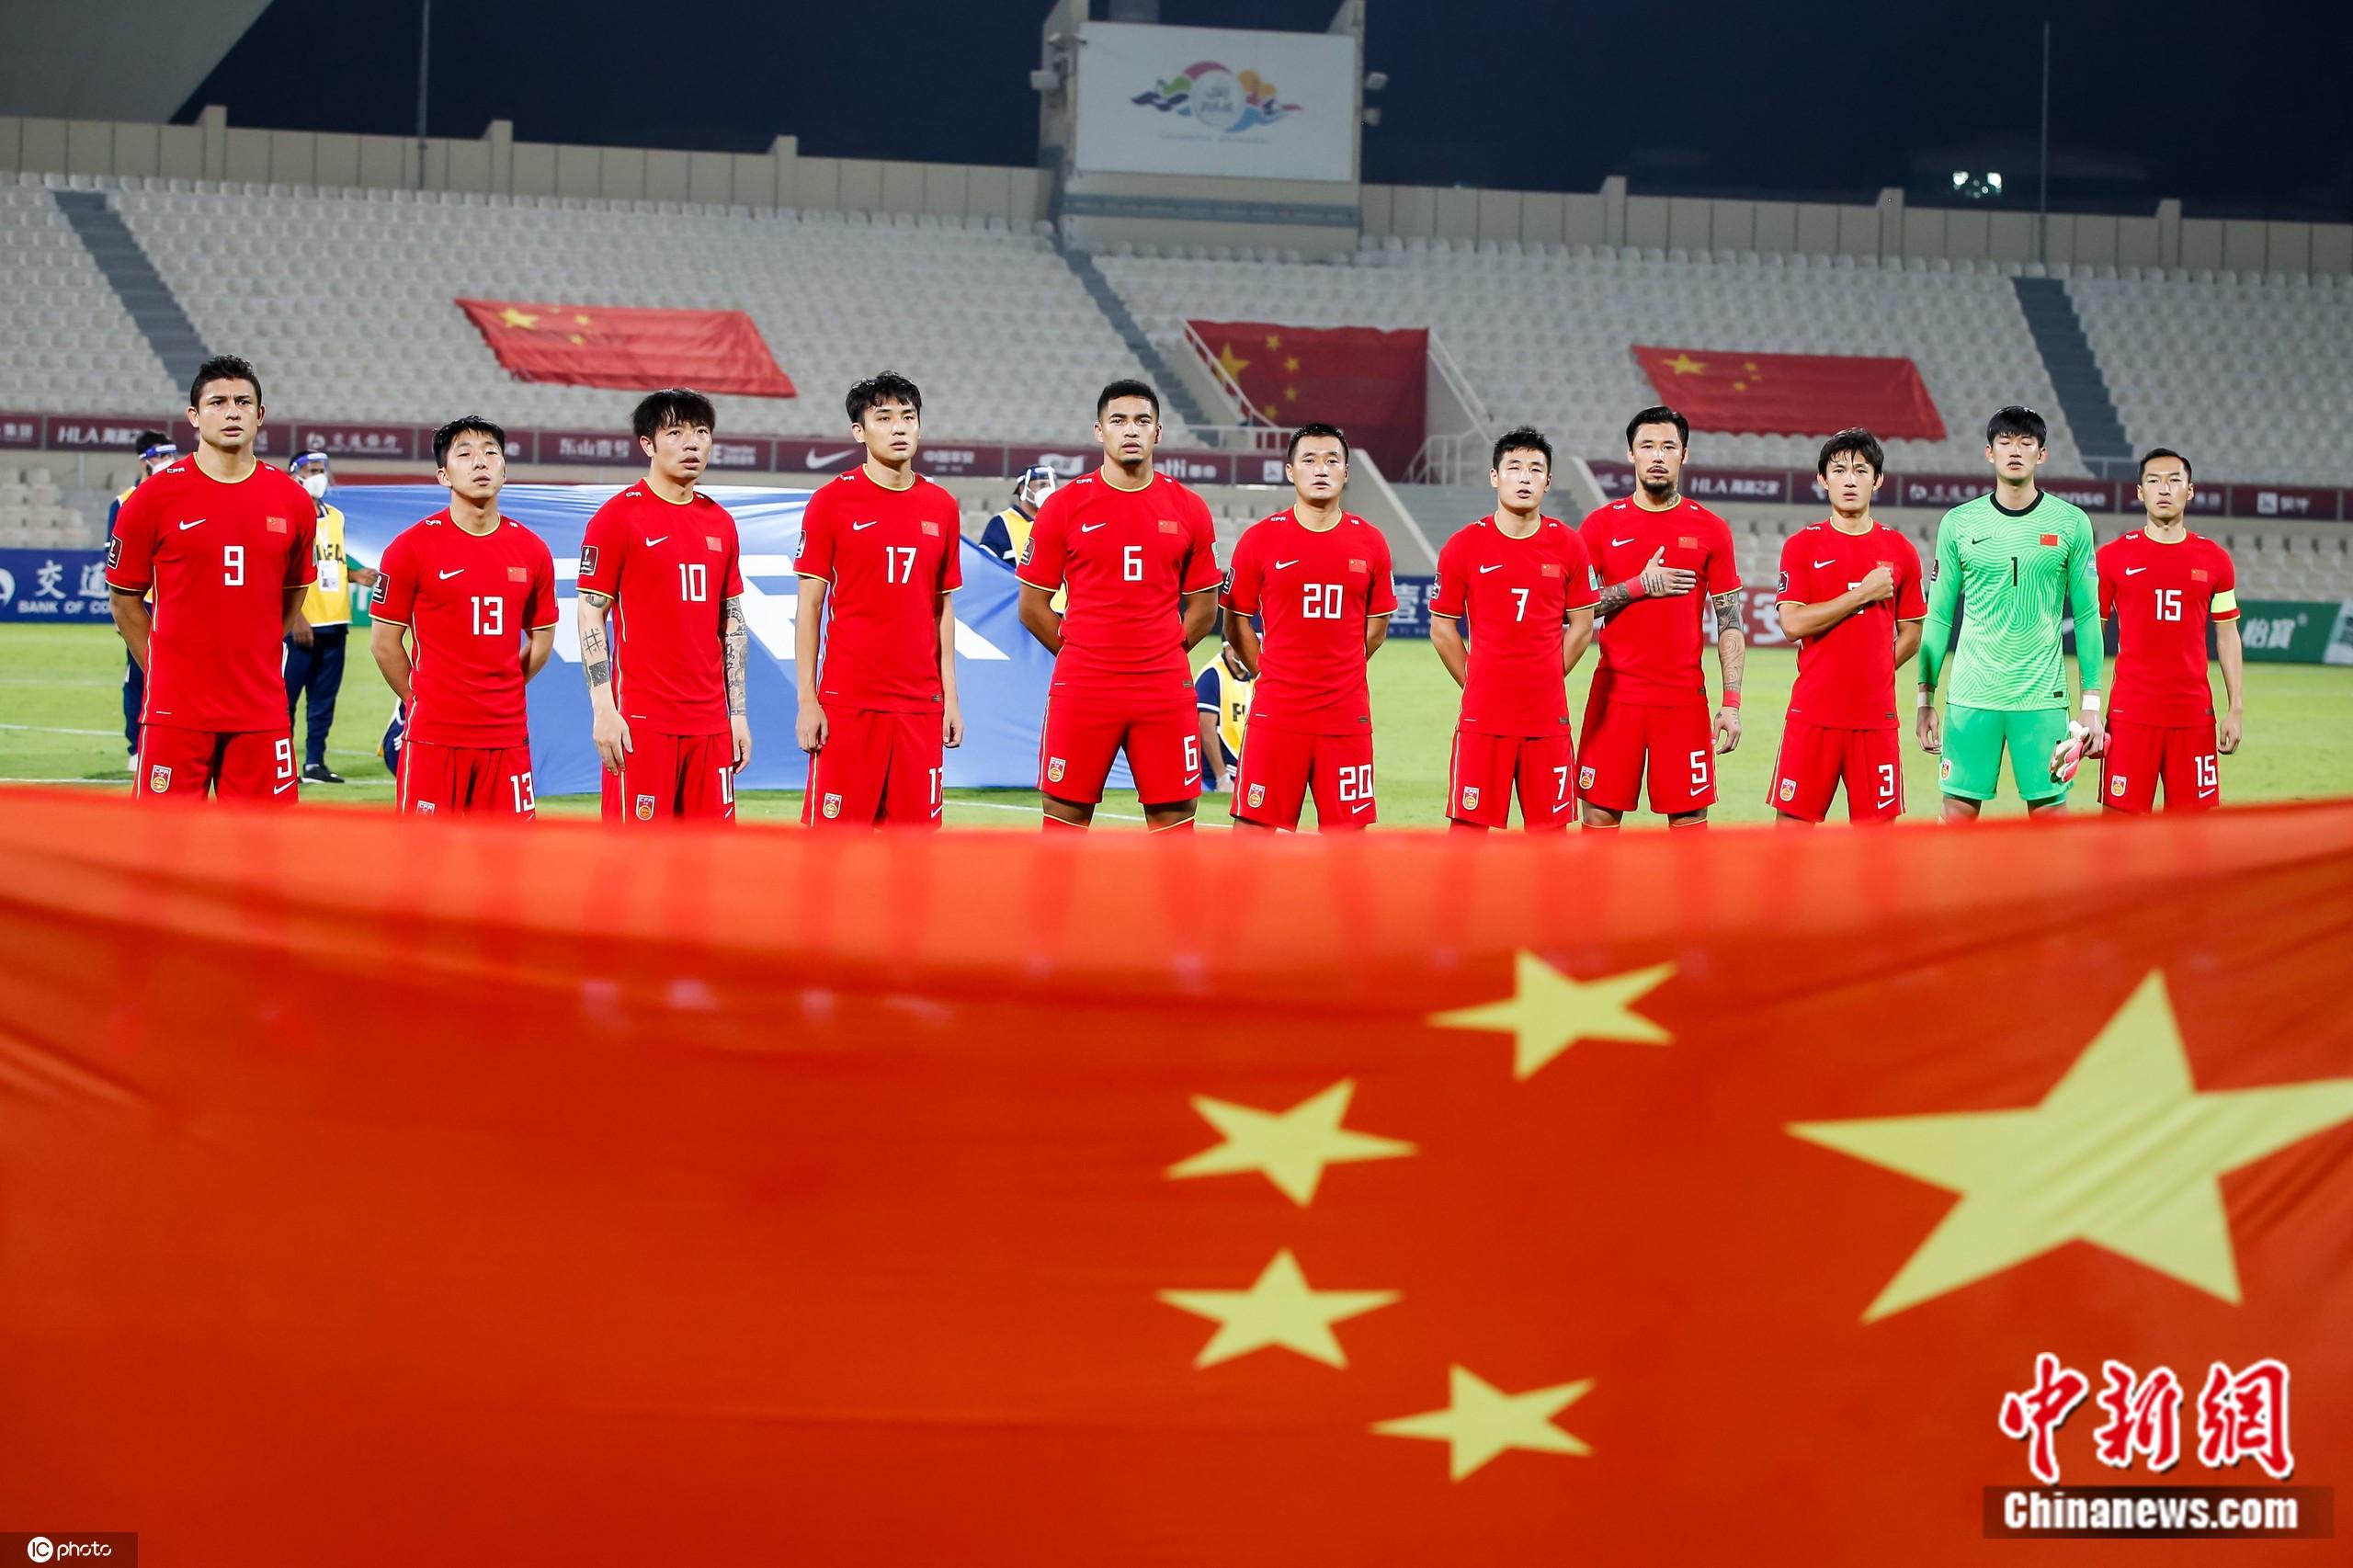 国足在世预赛40强赛中。图片来源:IC photo